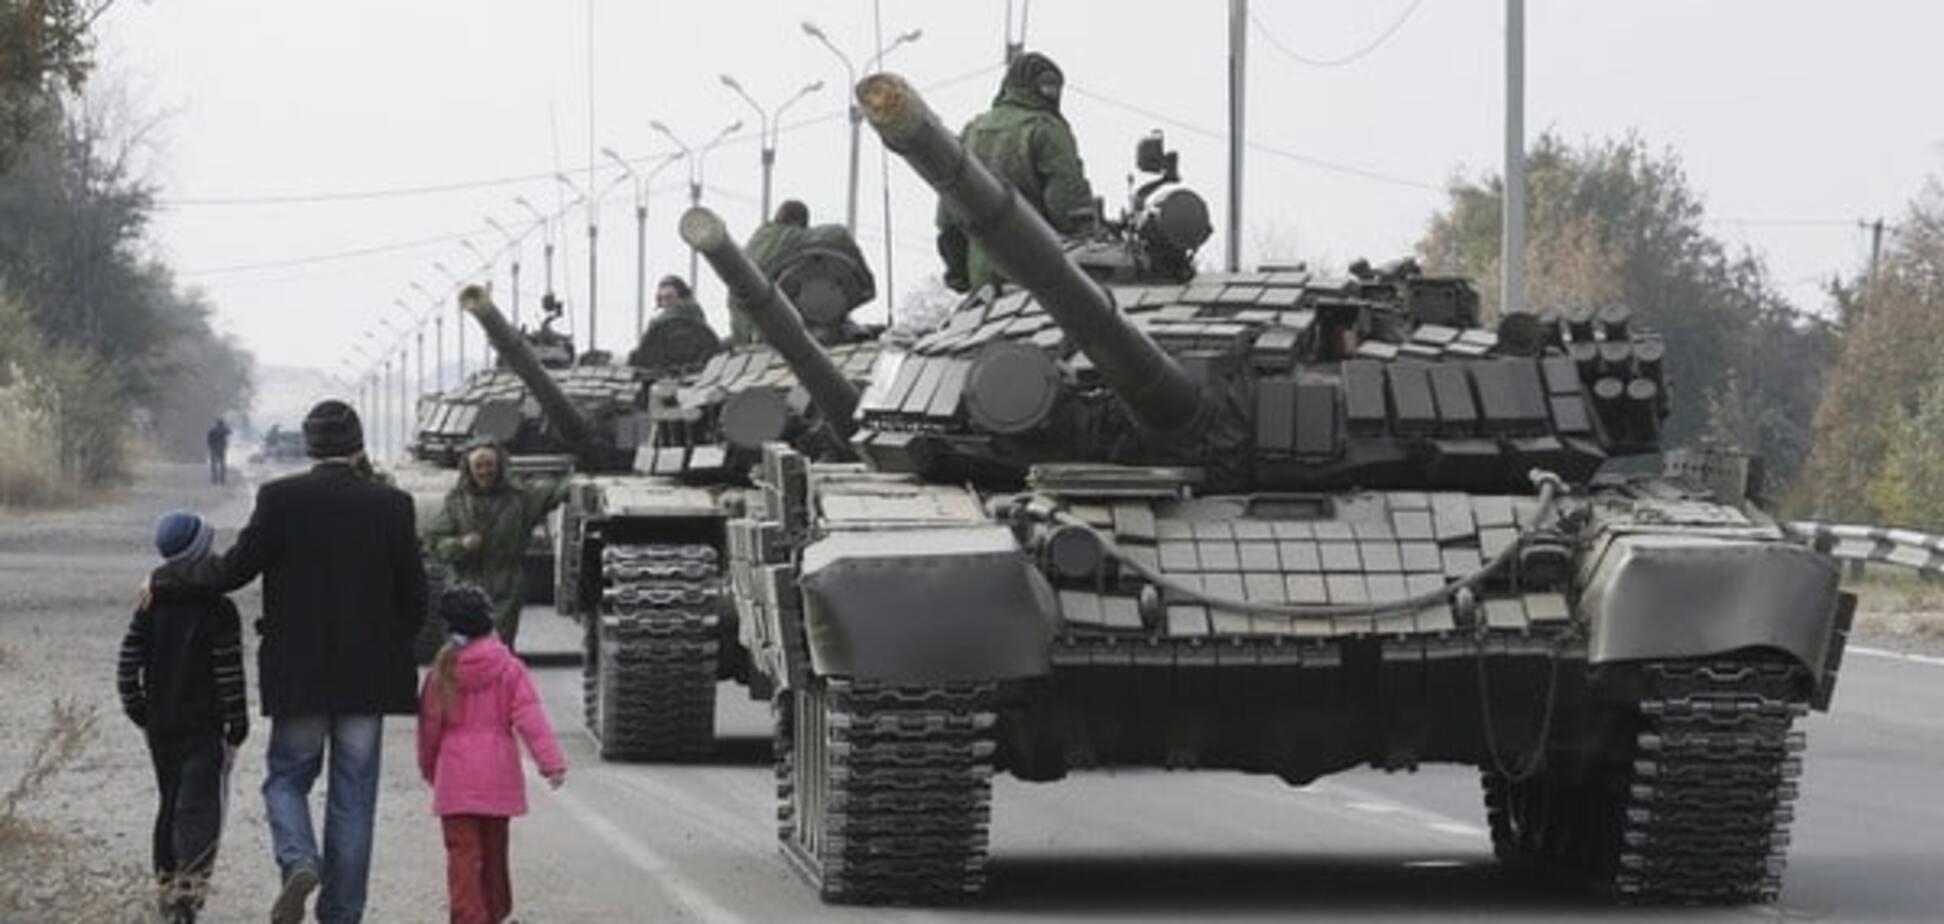 'Идиоты': Панфилов рассказал, почему провалился российский план войны в Украине